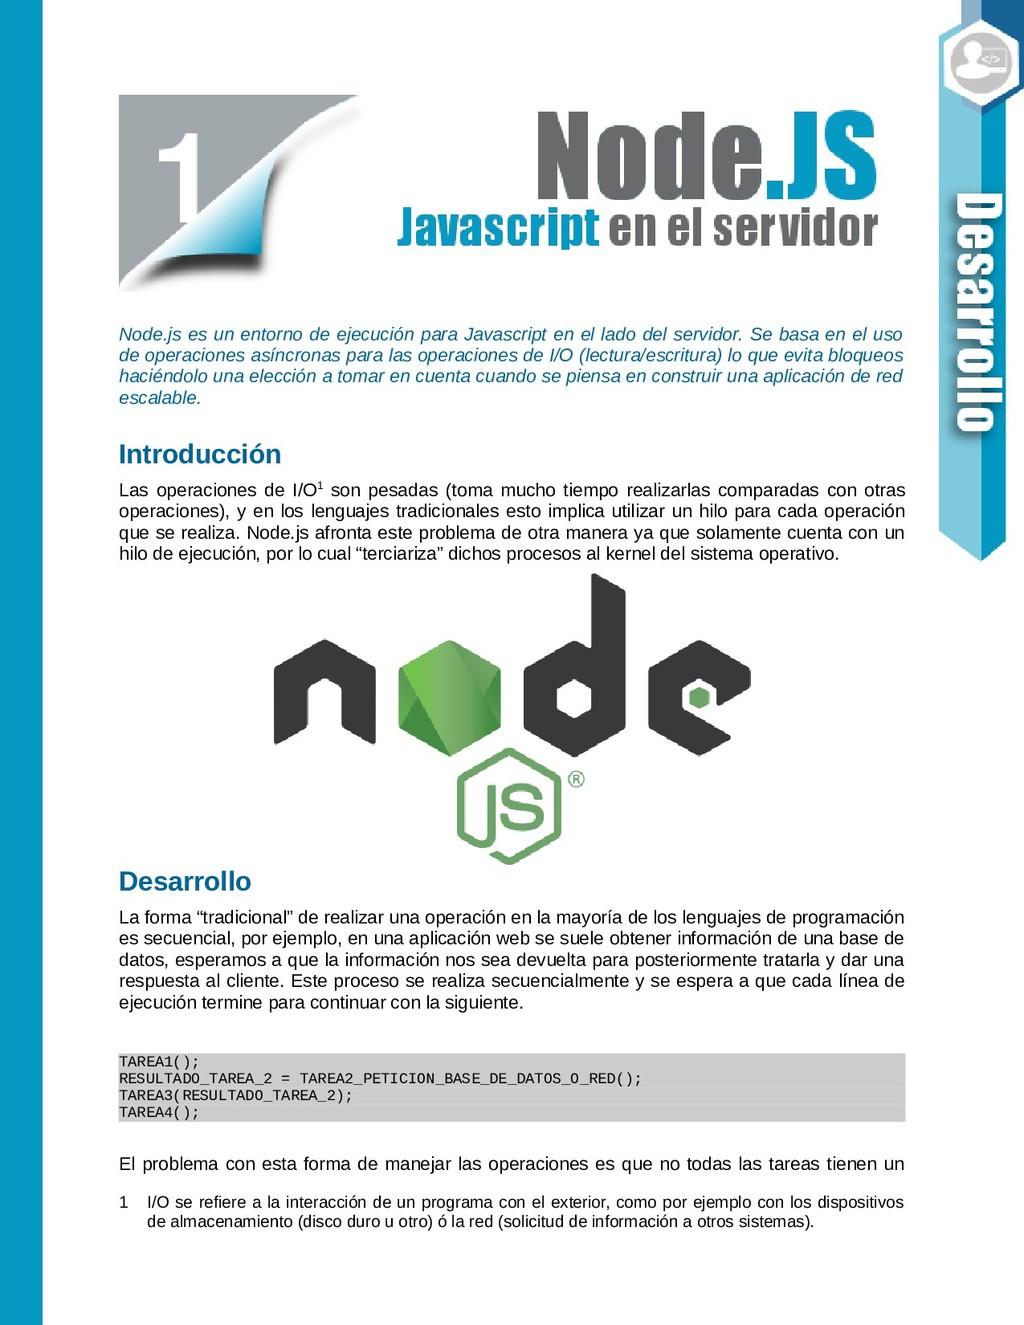 Node.js es un entorno de ejecución para Javascr...